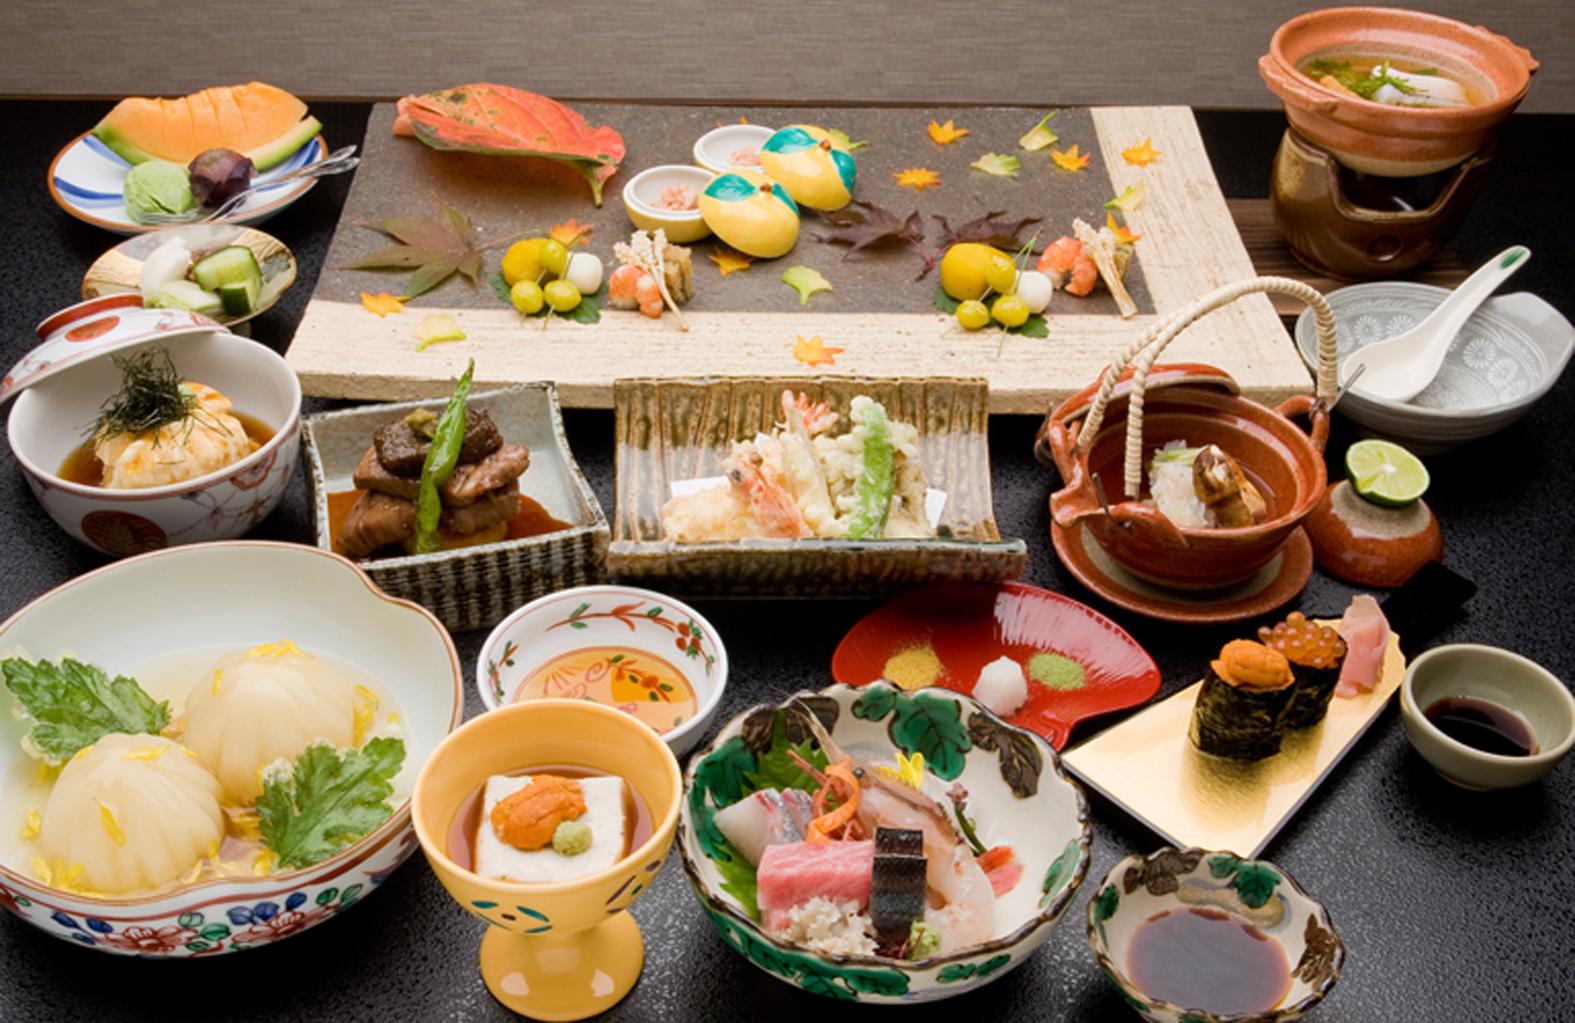 京町家 鴨ゝ(かもかも)(京都駅/京料理) - ぐる …